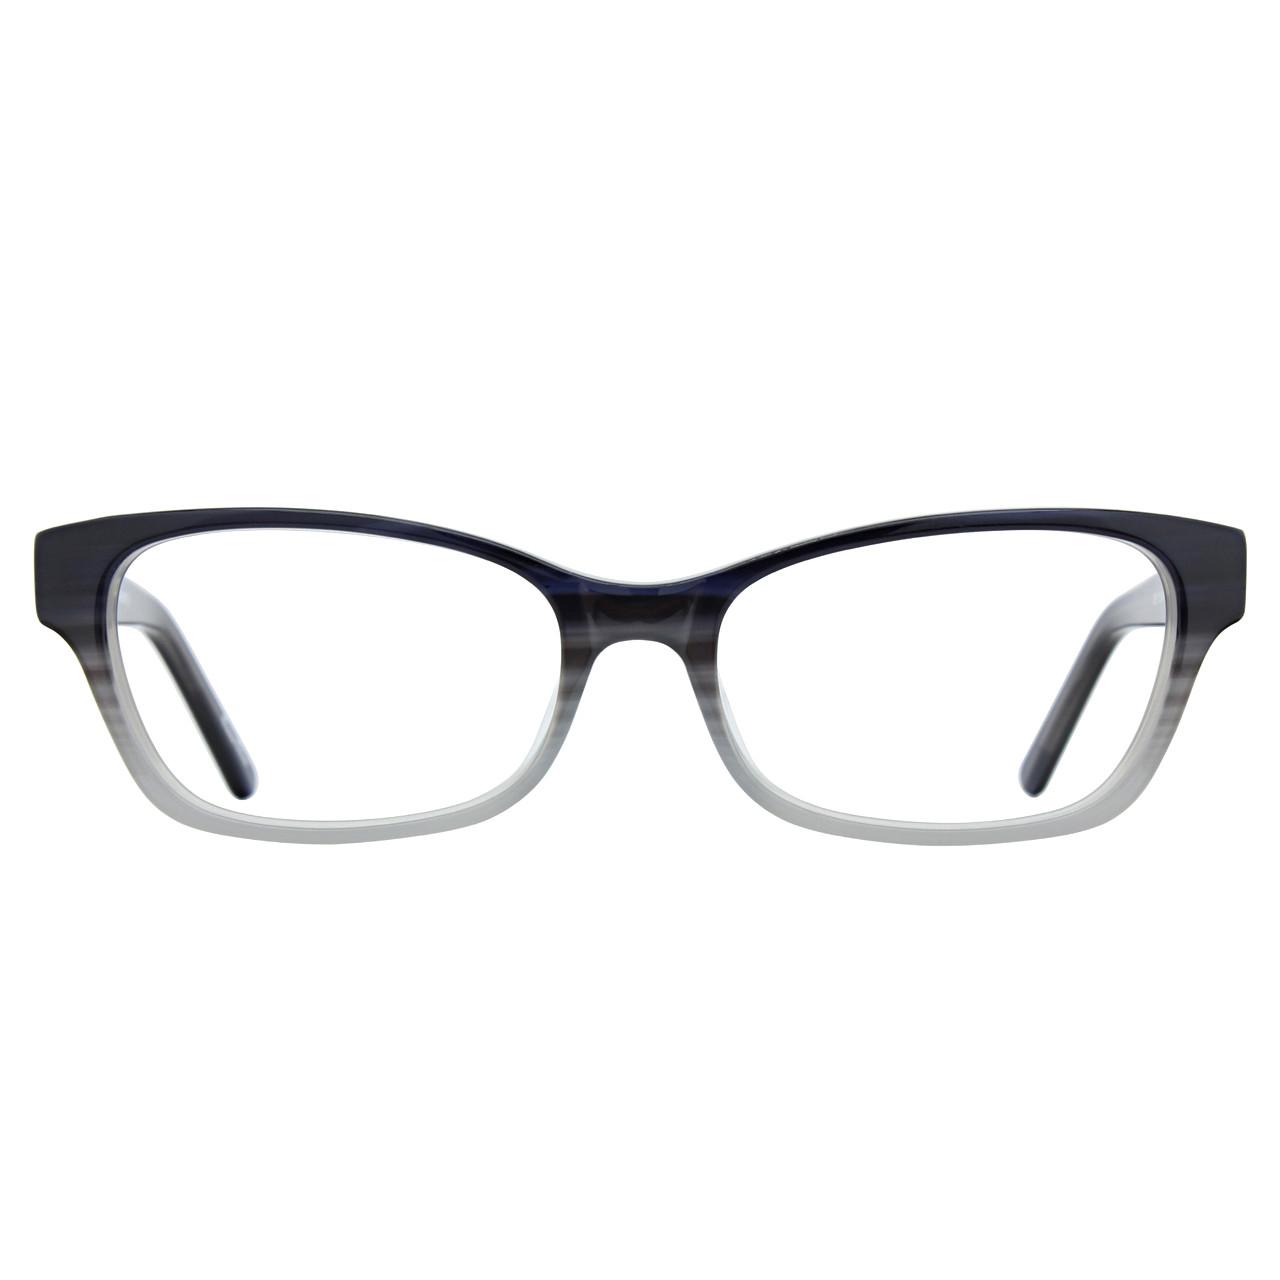 GEEK Eyewear GEEK KIT CAT